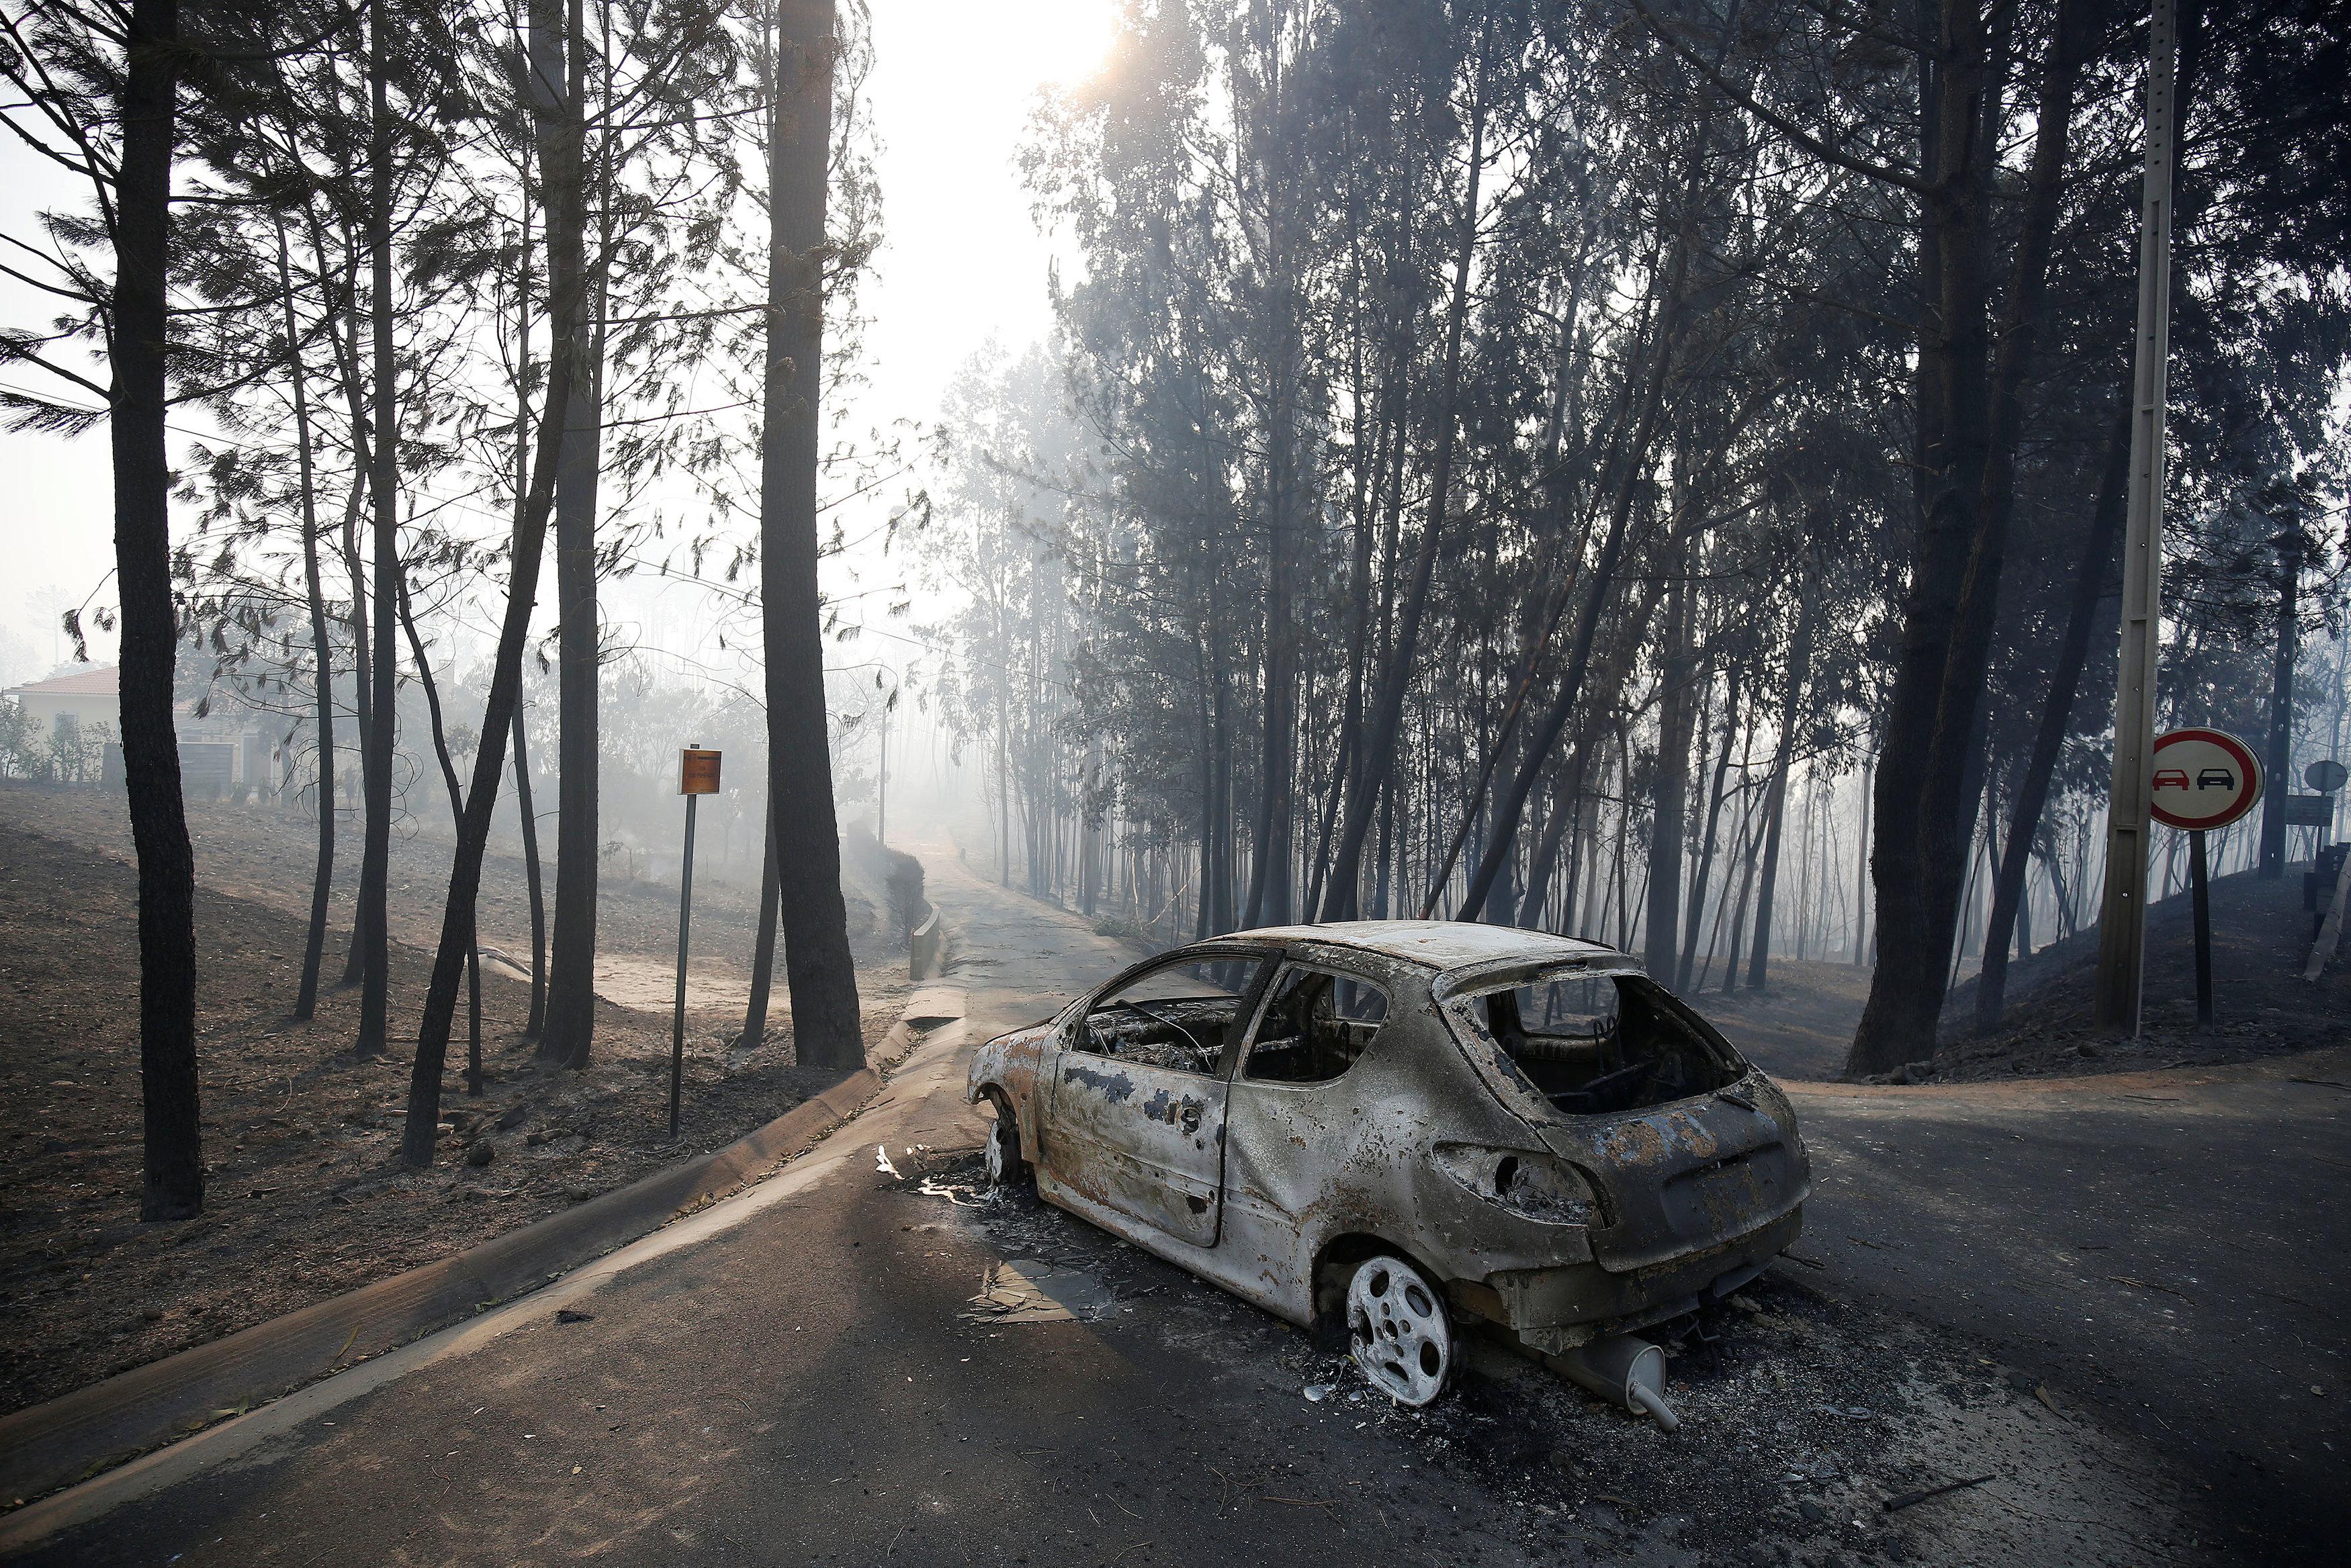 Tραγωδία στην Πορτογαλία: Δεκάδες νεκρούς αφήνουν πίσω τους οι πυρκαγιές